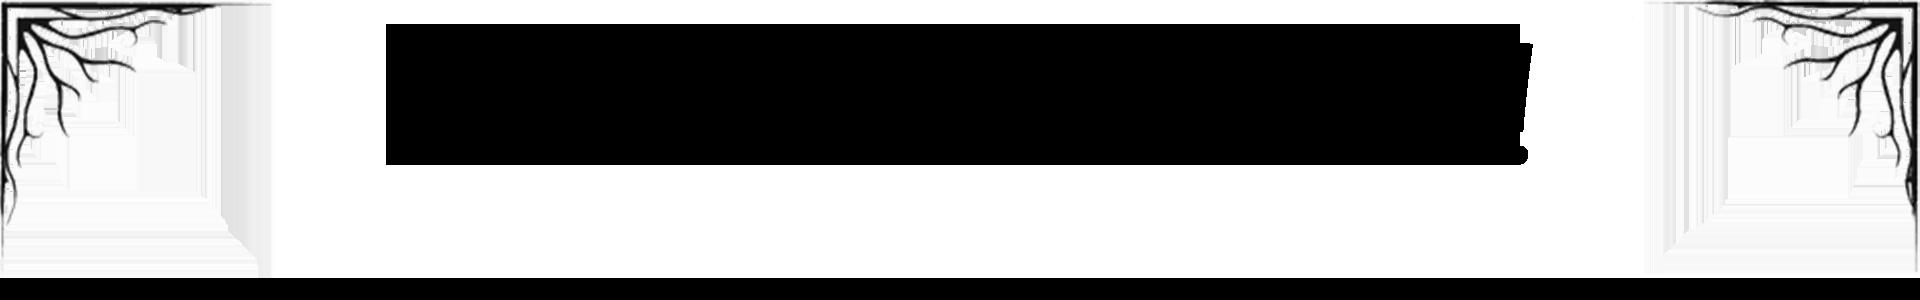 Zachraň Blavicon - nadpis